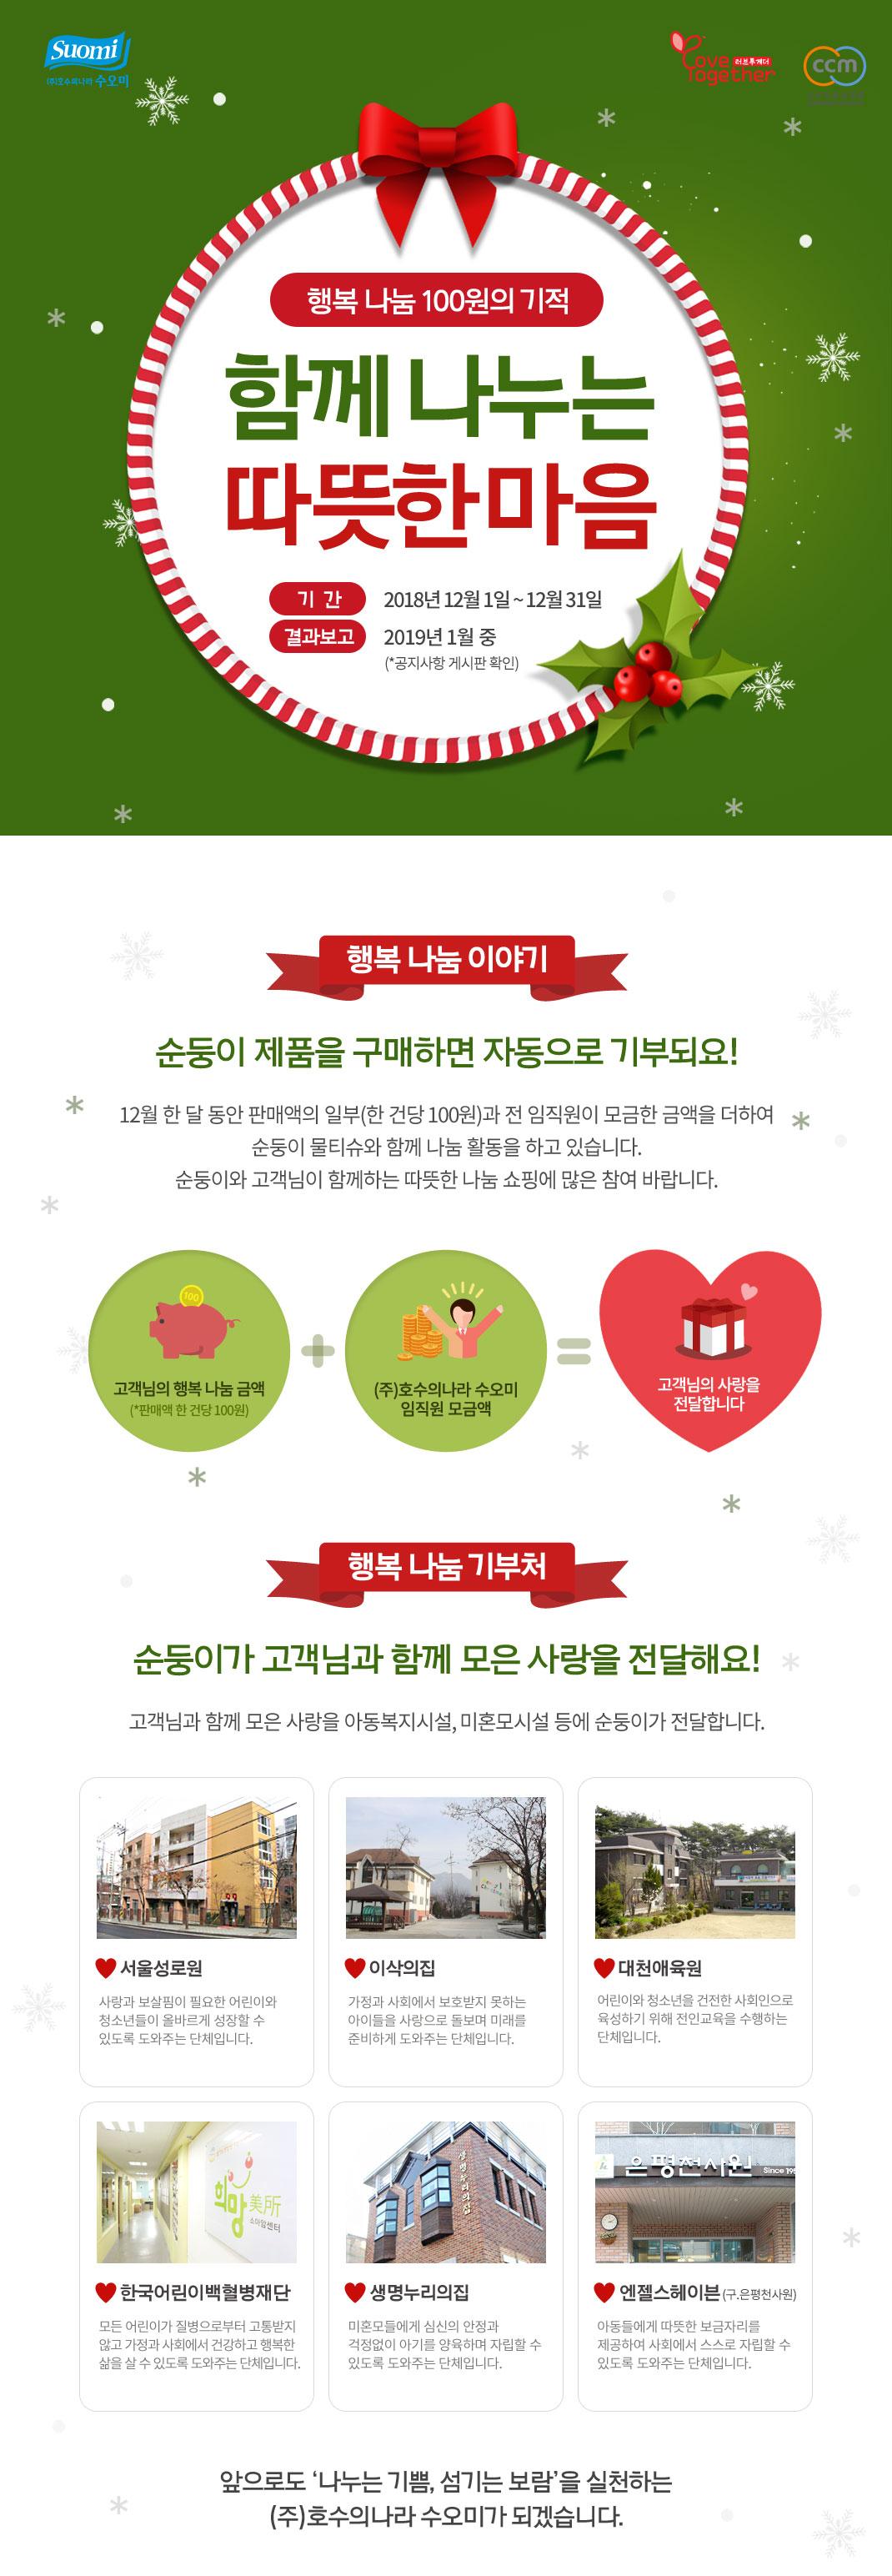 12월 한달 동안 순둥이 물티슈를 구매하면 자동 기부 되요. 많은 참여부탁드려요